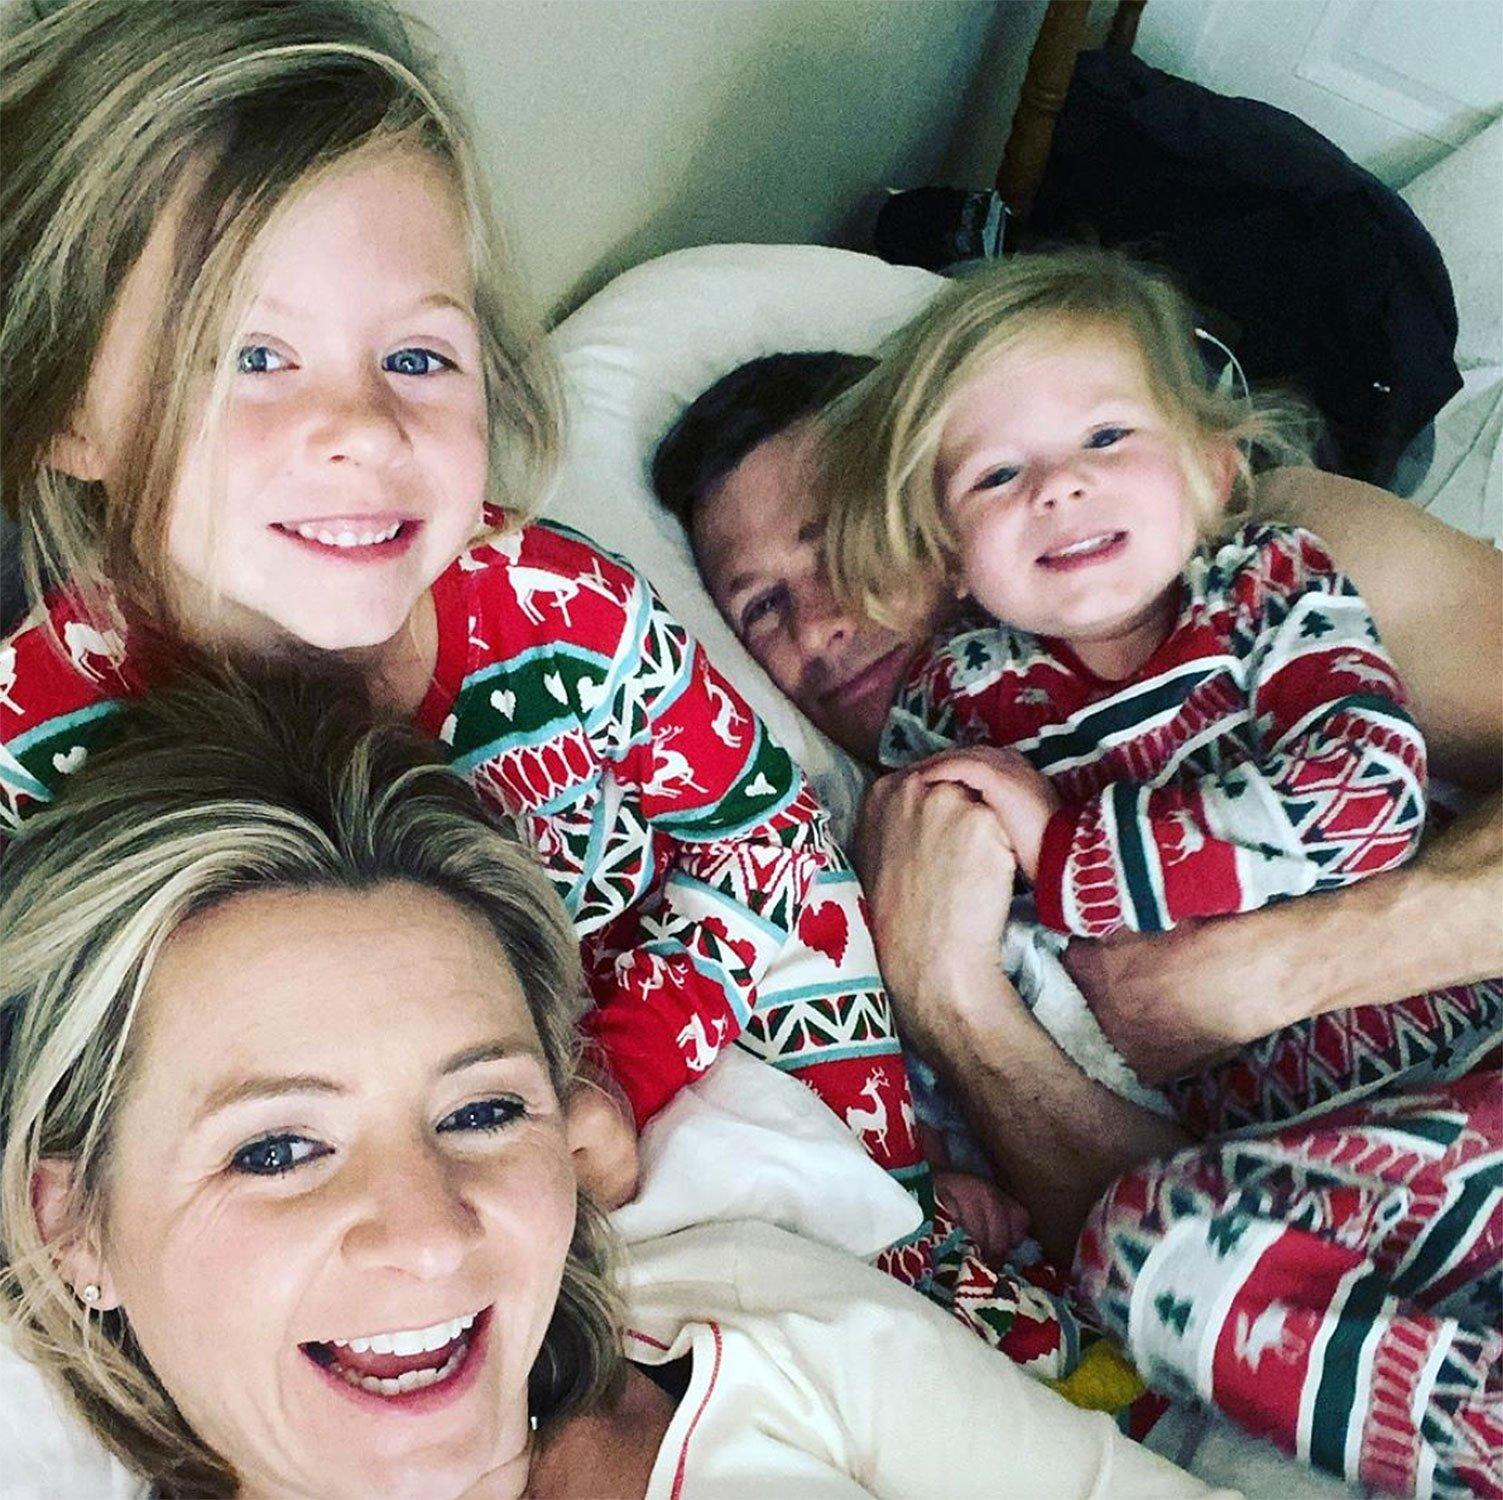 beverley mitchell pregnant third child